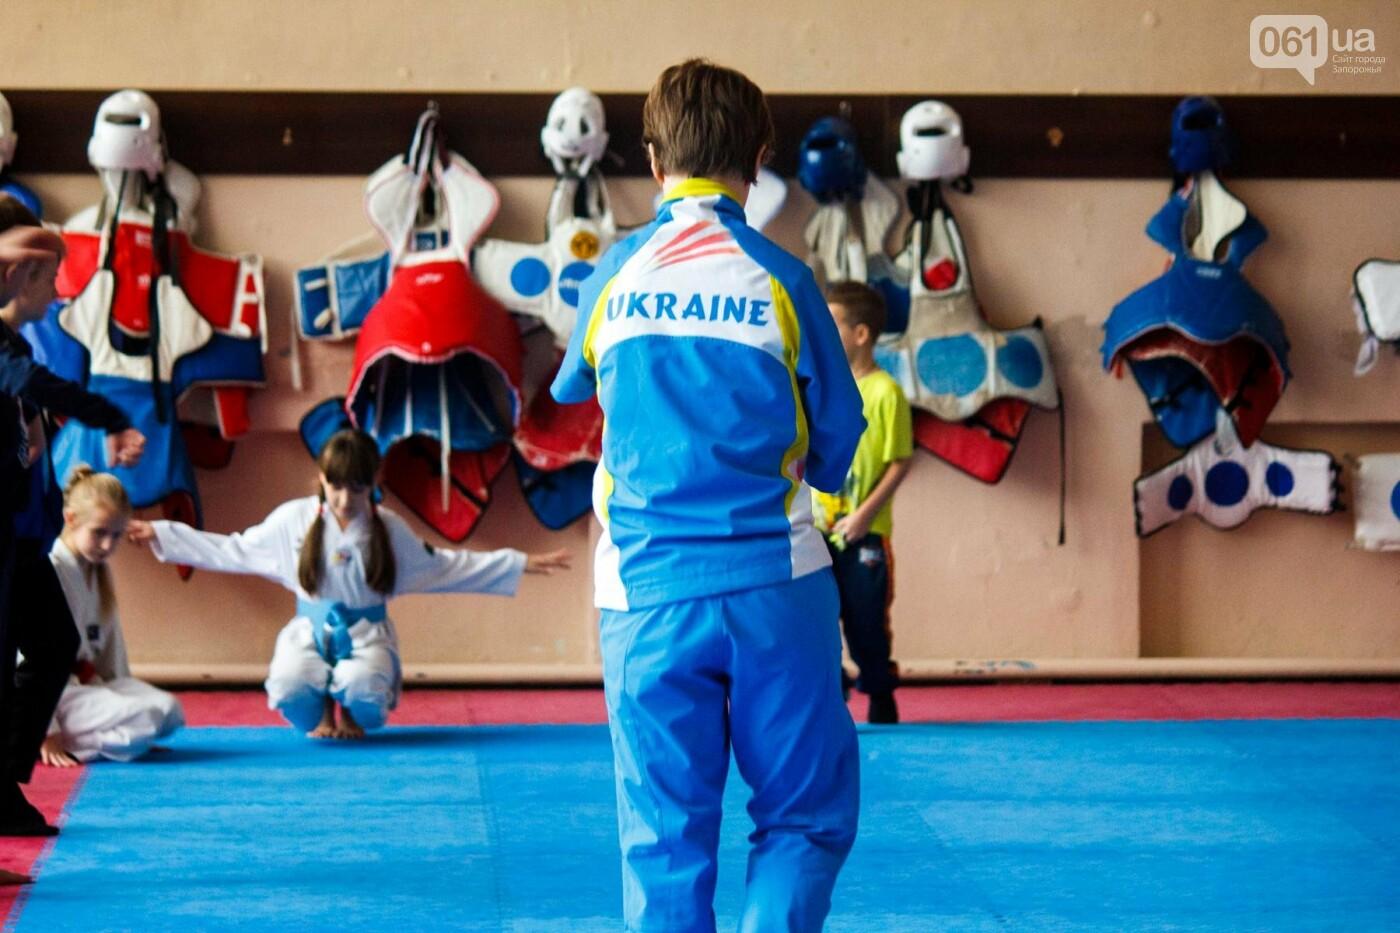 В Запорожье пятикратная чемпионка мира живет у подруги и не может собрать деньги на операцию: история Виктории Марчук, фото-17